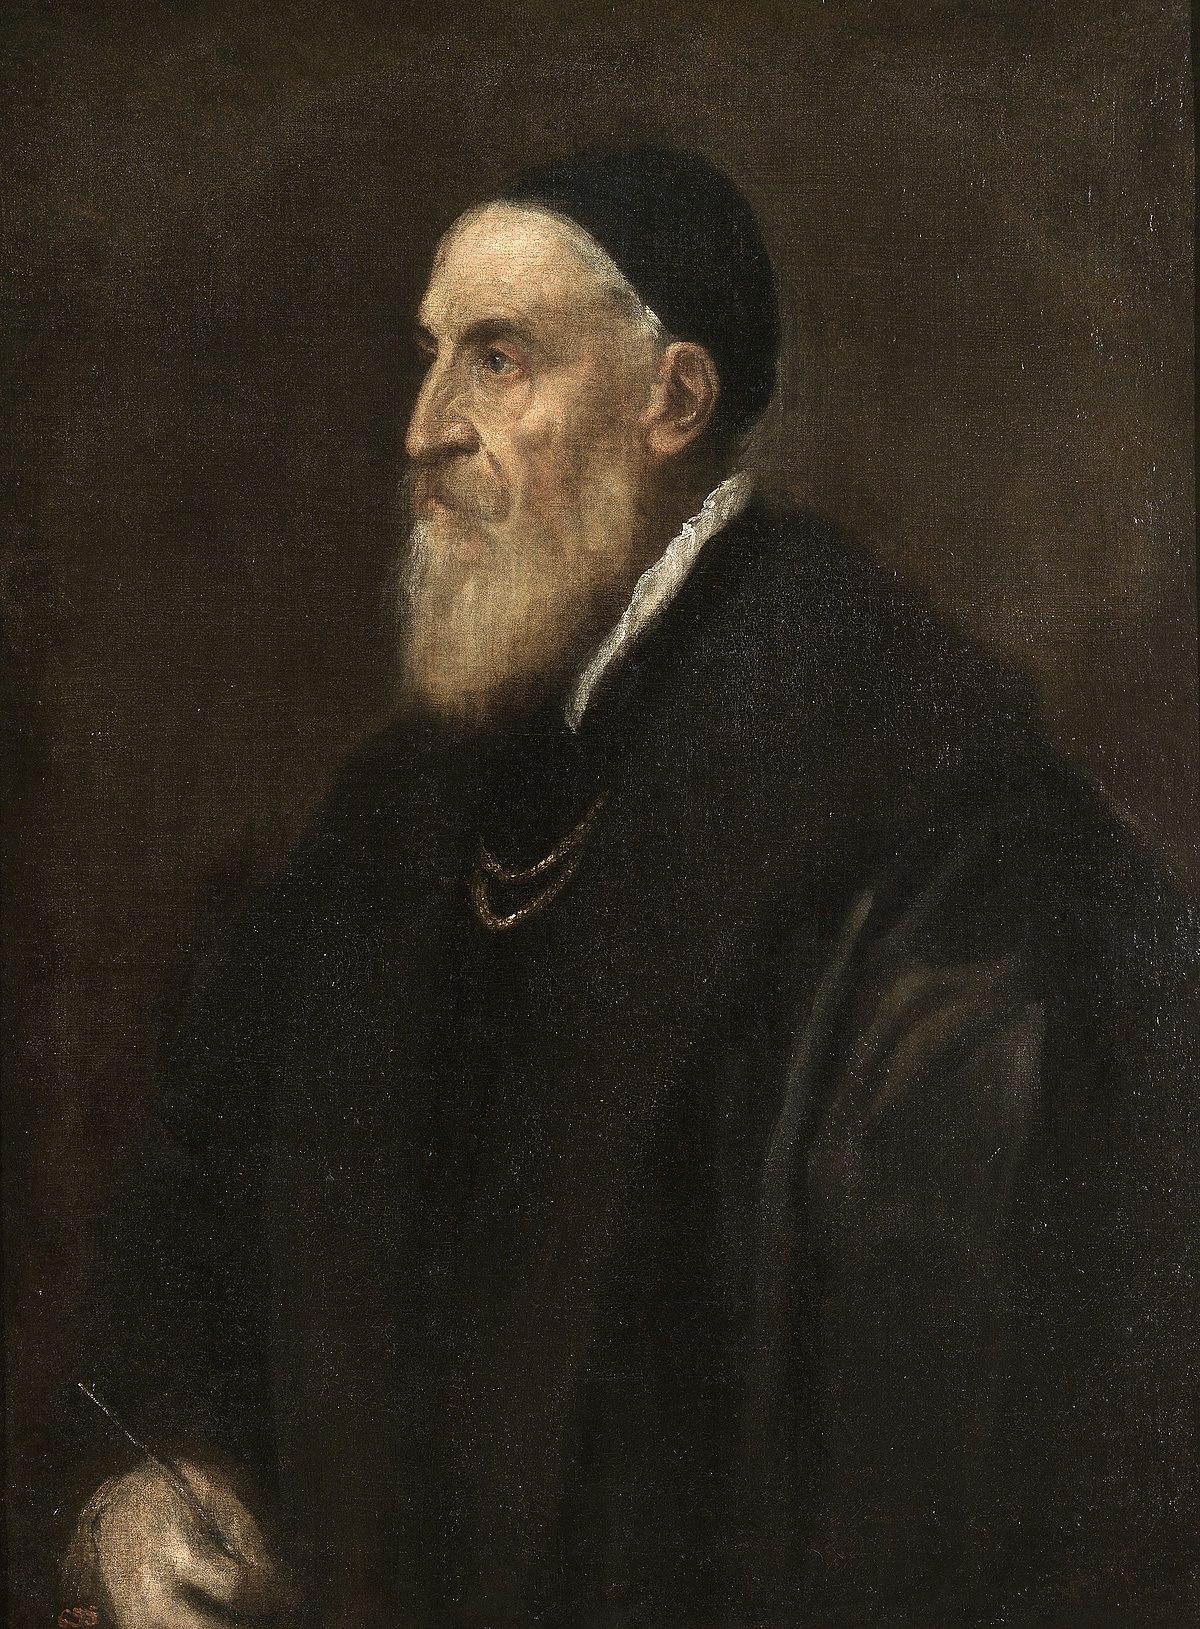 Αυτοπροσωπογραφία, 1567, λάδι σε μουσαμά, 86×65 εκ., Μουσείο Πράδο